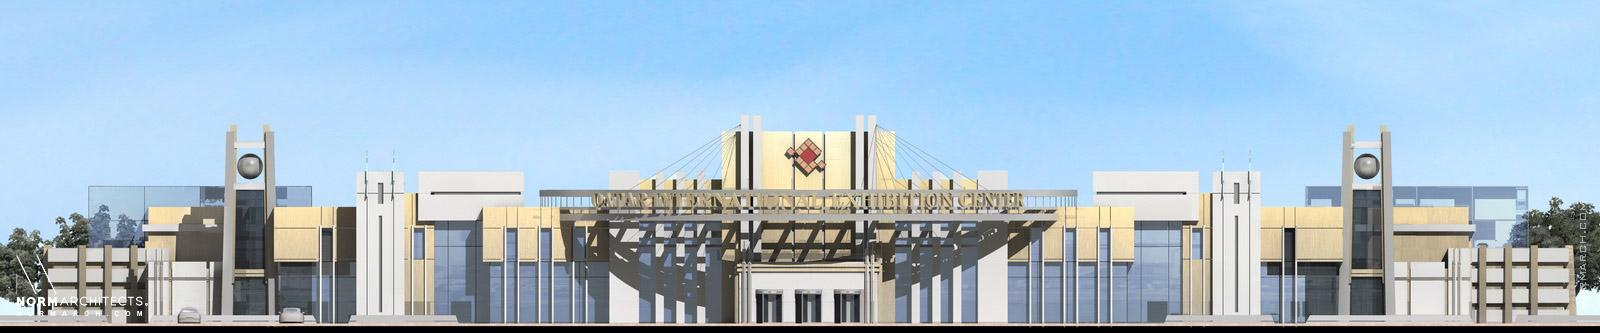 Qatar International